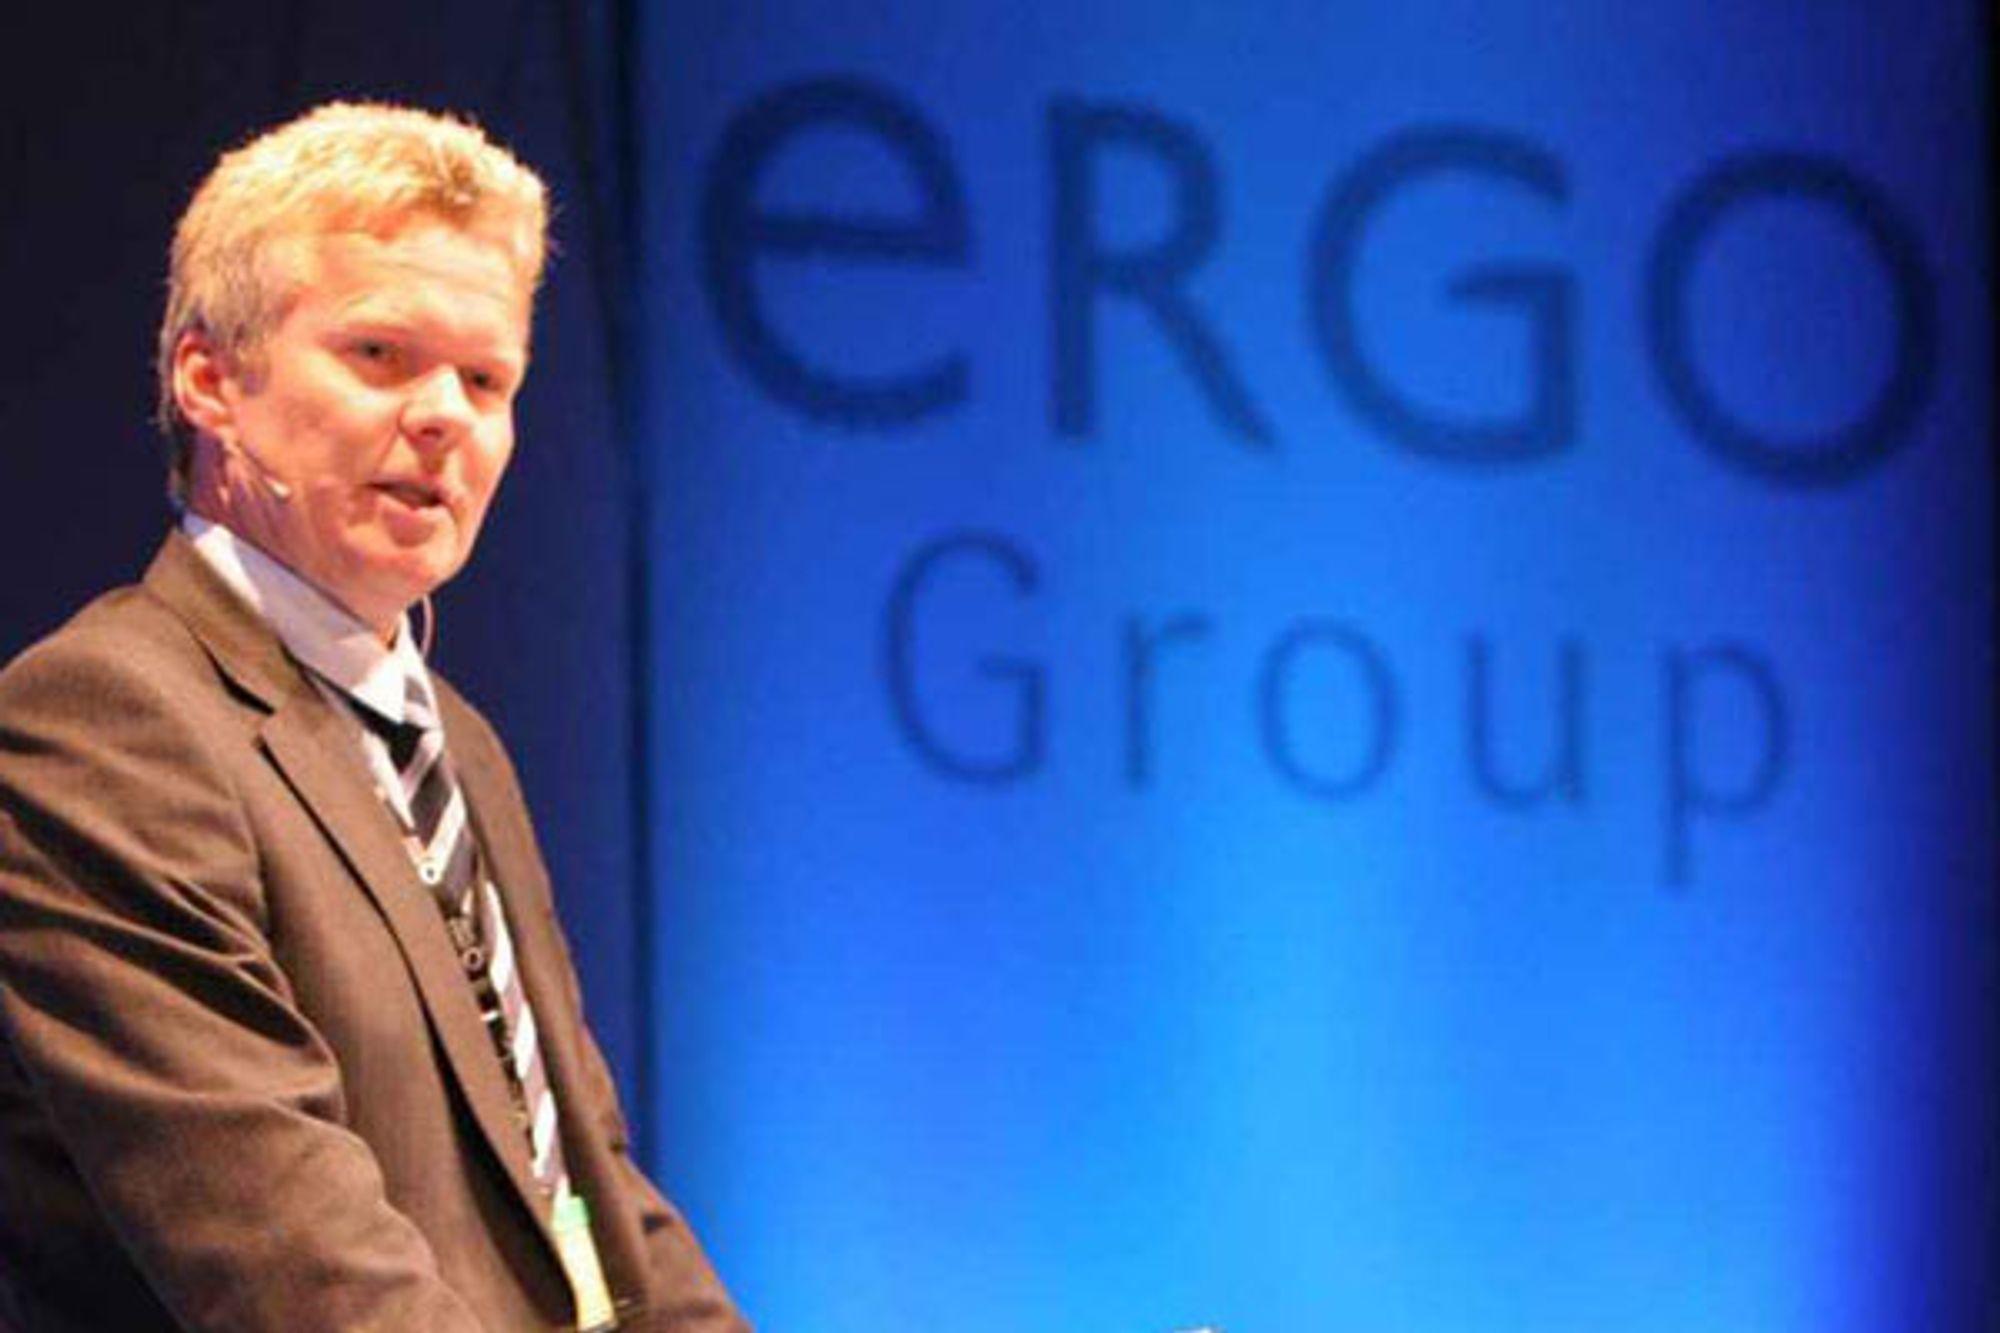 SULTEN PÅ MER: ErgoGroup-sjef Terje Mjøs er ikke fornøyd med å eie 75 prosent av aksjene i BEKK Consulting. Nå vil han eie mer.